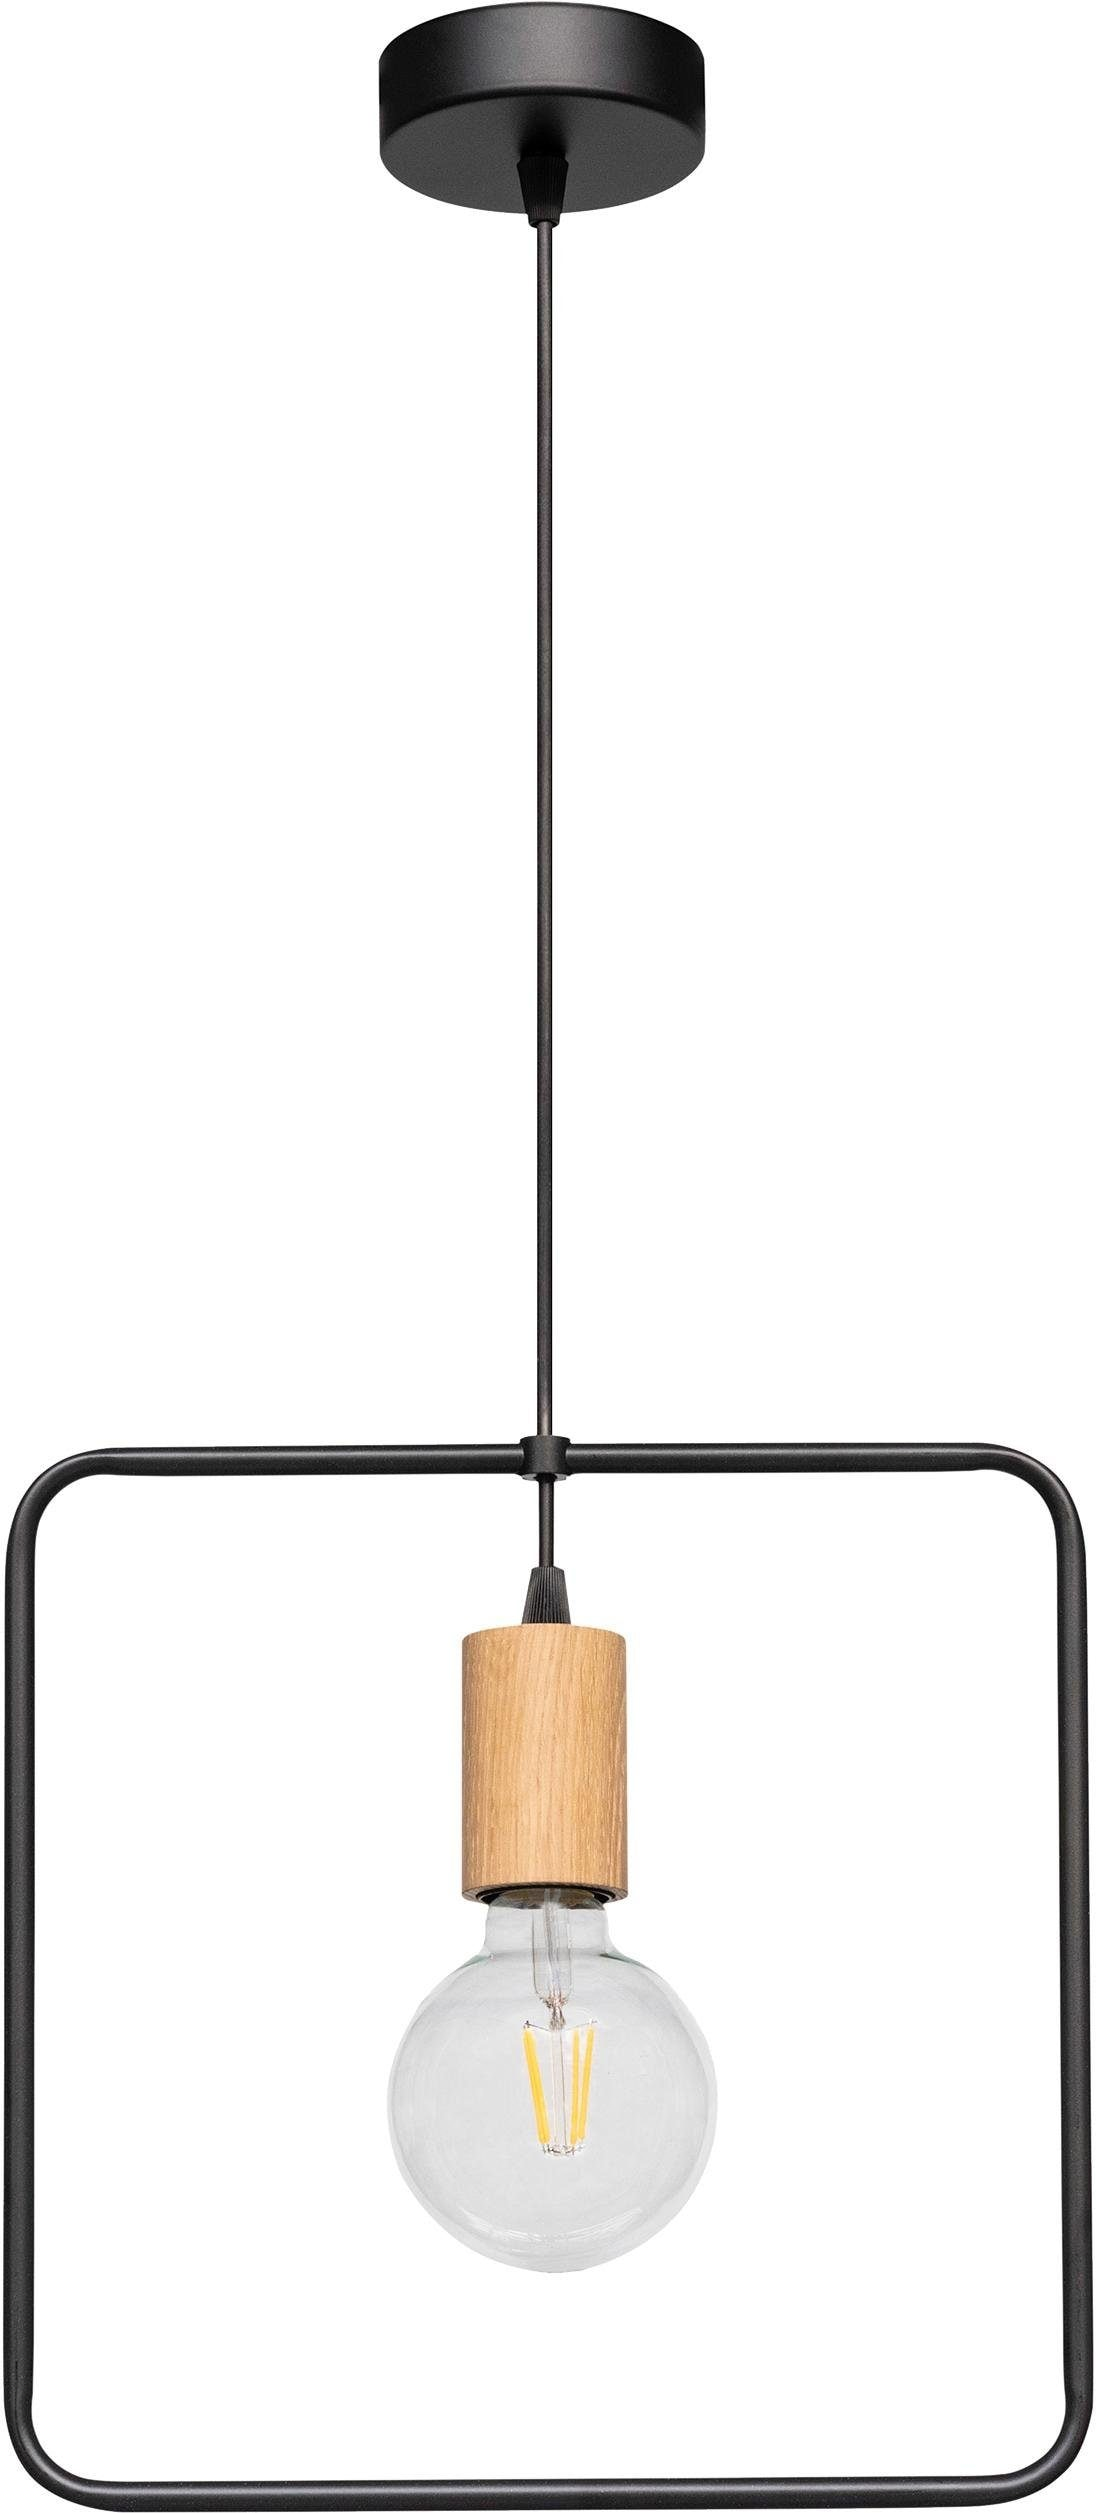 BRITOP LIGHTING Pendelleuchte CARSTEN WOOD, E27, Hängeleuchte, Moderne Leuchte aus Metall und Eichenholz, passende LM E27/exklusive, Made in Europe